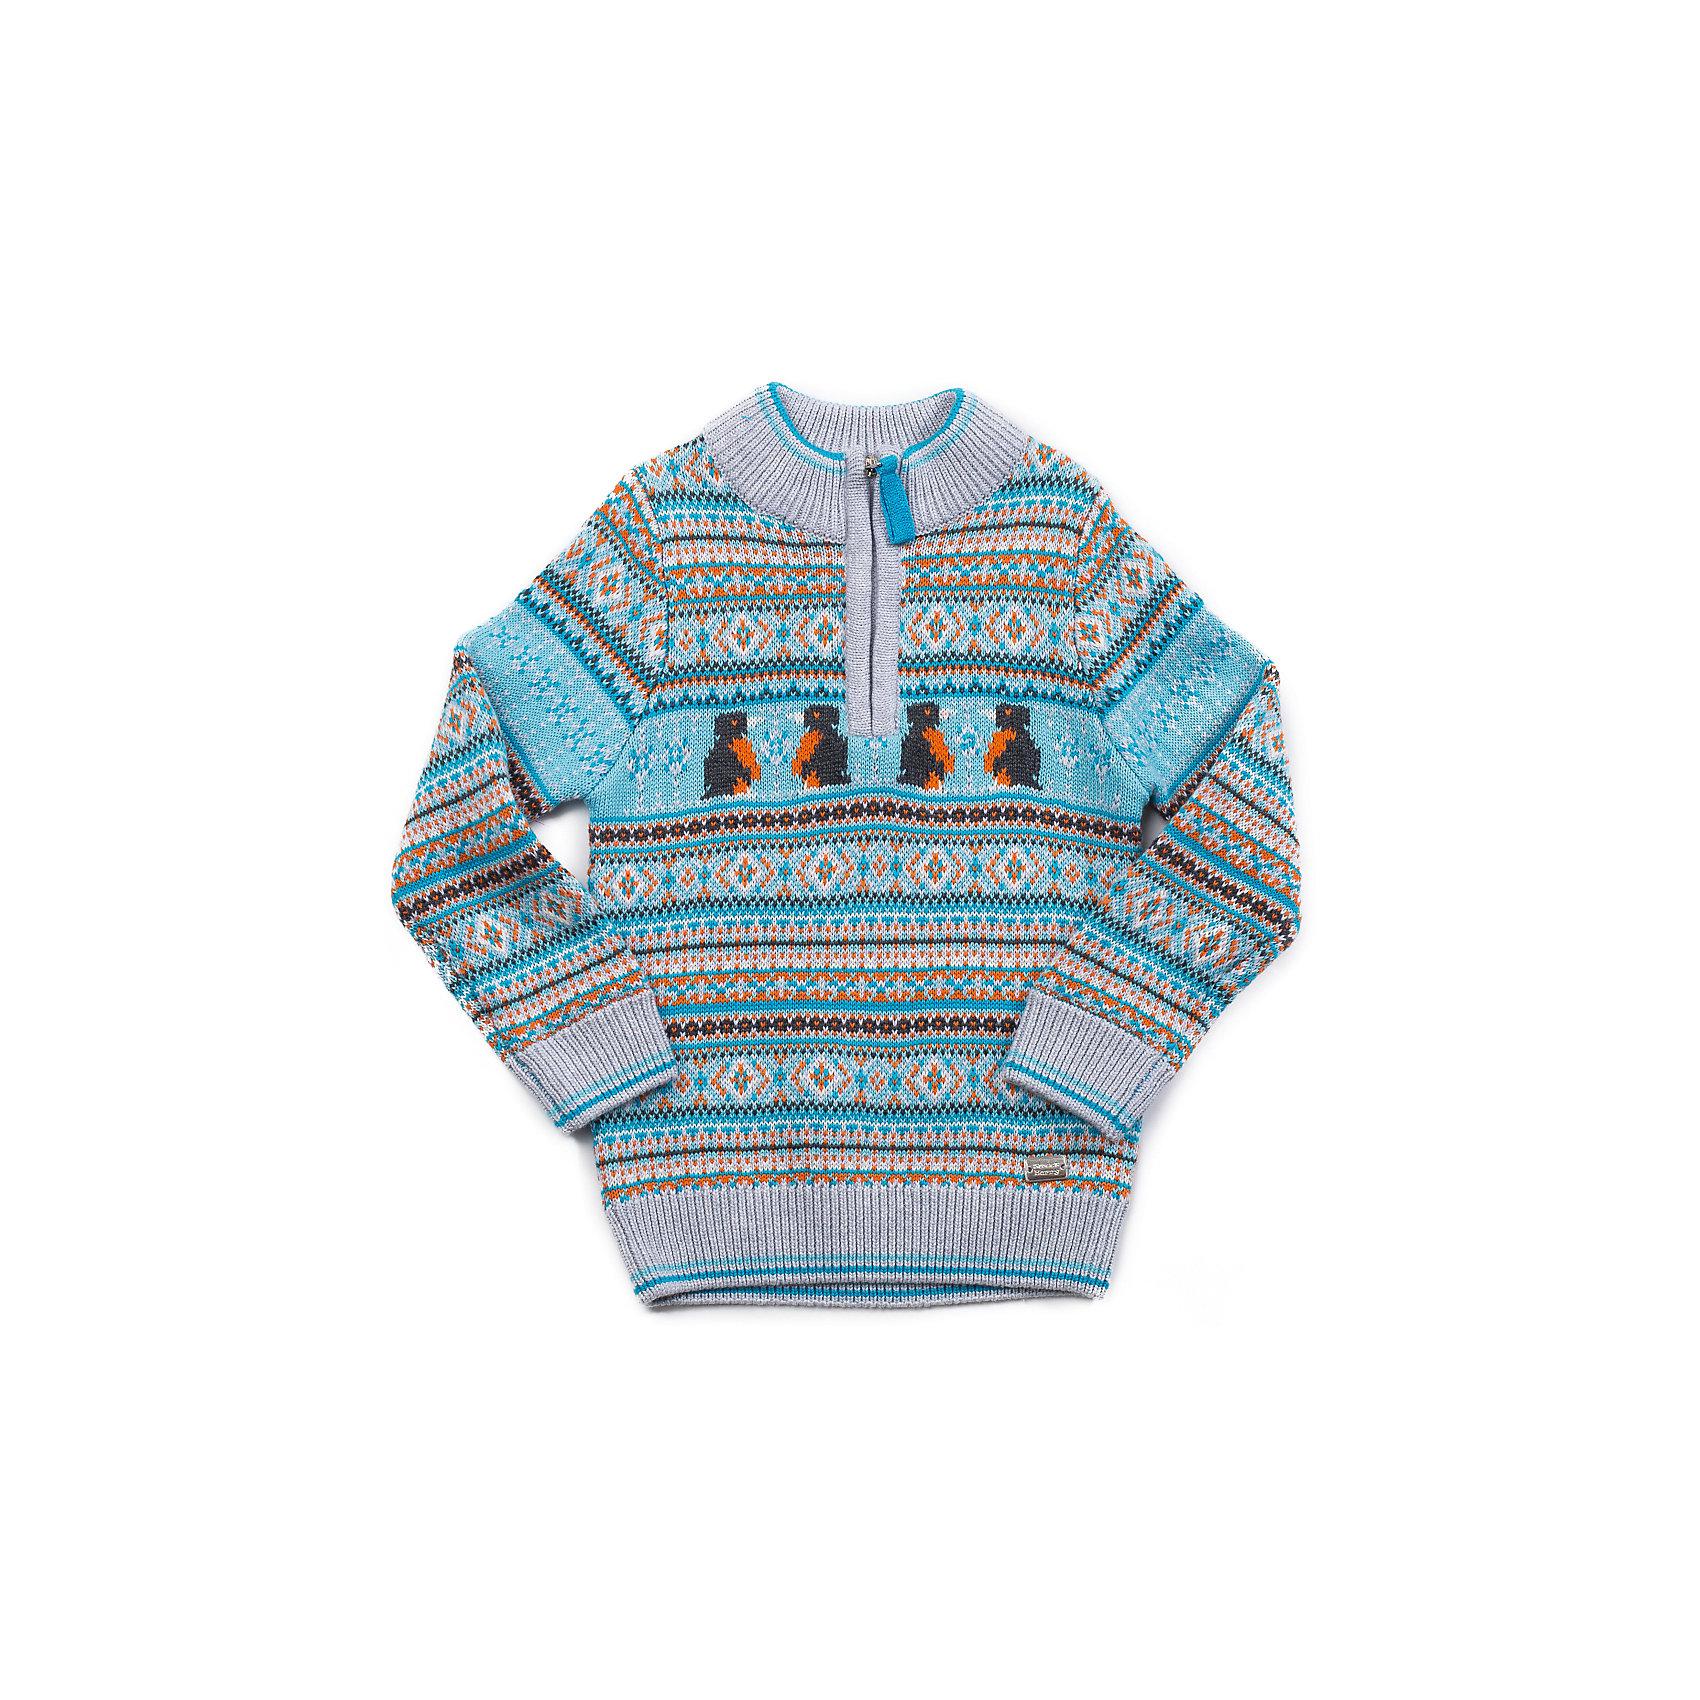 Свитер для мальчика Sweet BerryСвитер для мальчика с молнией по горловине для комфортного одевания. Жаккардовый рисунок с милыми пингвинами.<br>Состав:<br>60% хлопок, 40% акрил<br><br>Ширина мм: 190<br>Глубина мм: 74<br>Высота мм: 229<br>Вес г: 236<br>Цвет: разноцветный<br>Возраст от месяцев: 9<br>Возраст до месяцев: 12<br>Пол: Мужской<br>Возраст: Детский<br>Размер: 92,86,98,80<br>SKU: 4273277